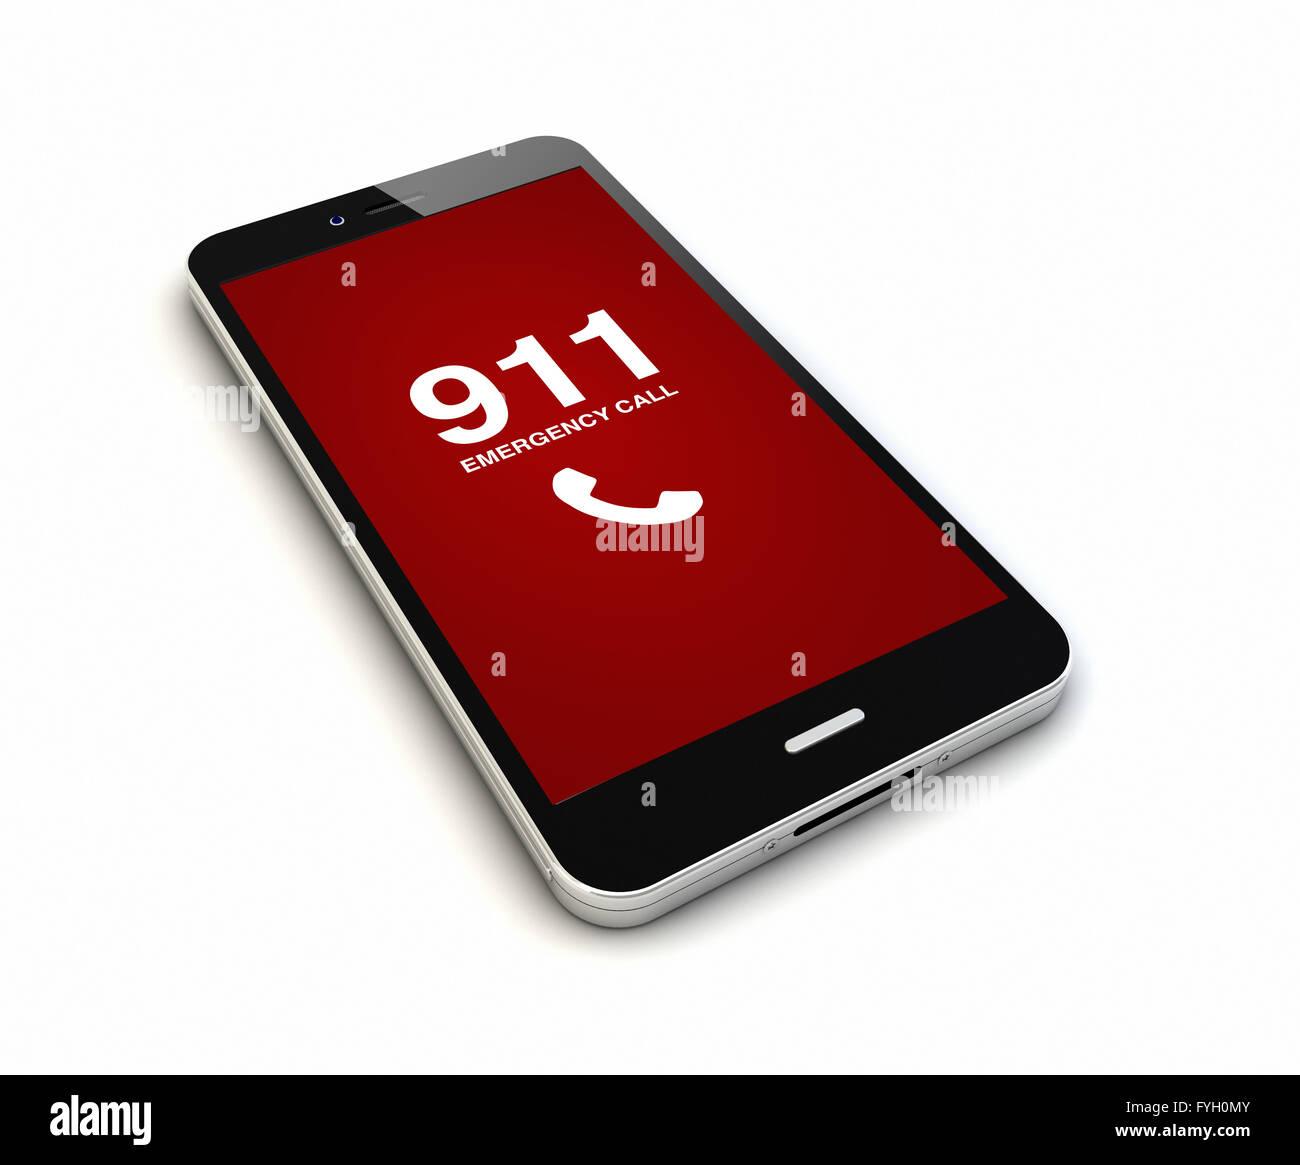 Le rendu d'un smartphone avec appel d'urgence sur l'écran. Écran graphique sont constitués. Photo Stock